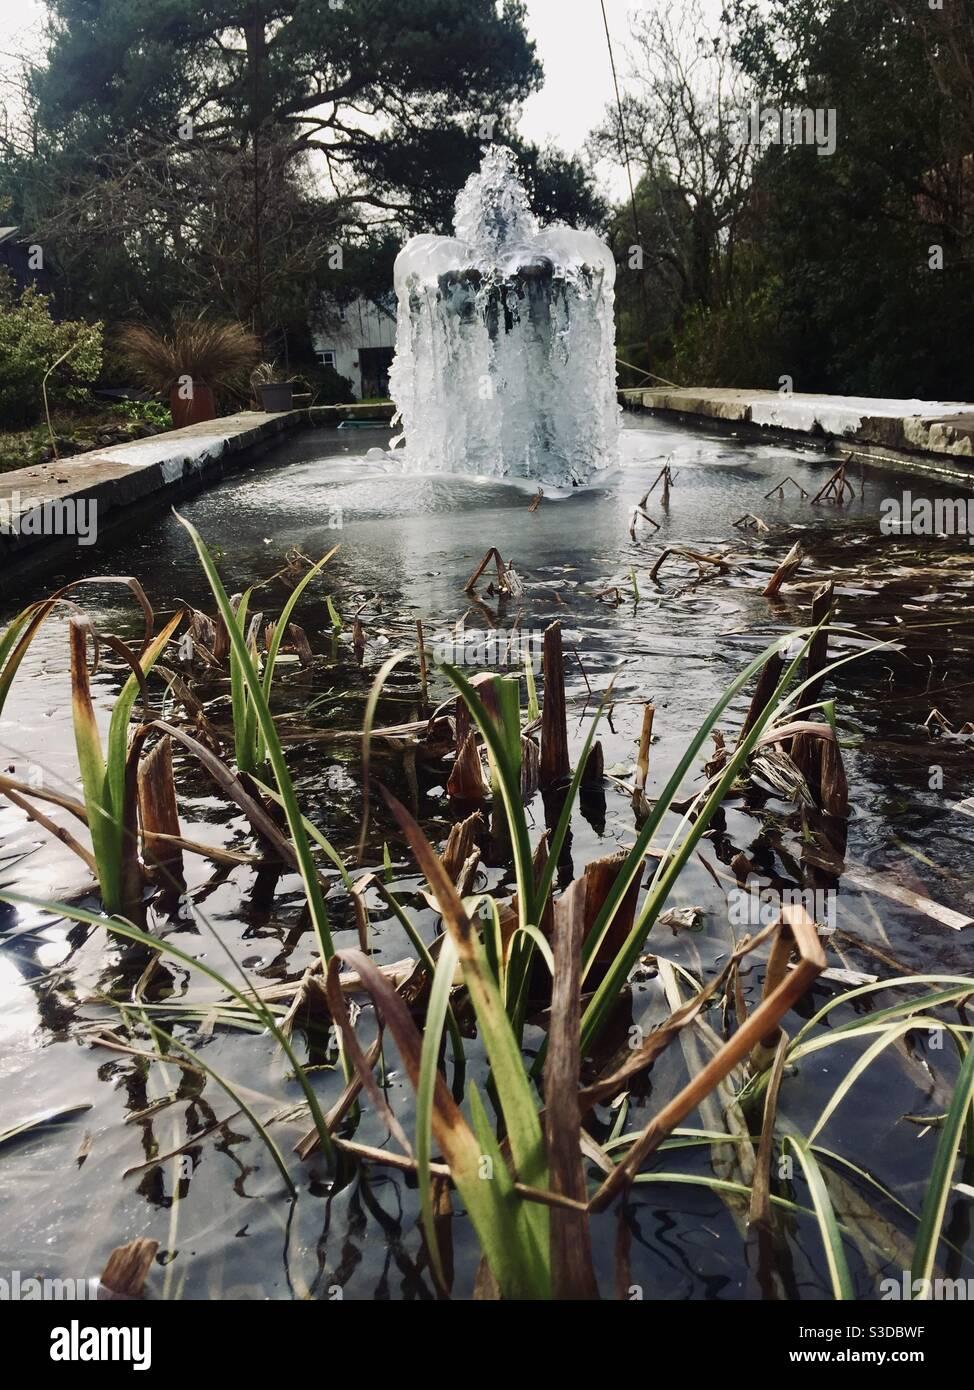 frozen-garden-pond-and-fountain-S3DBWF.j